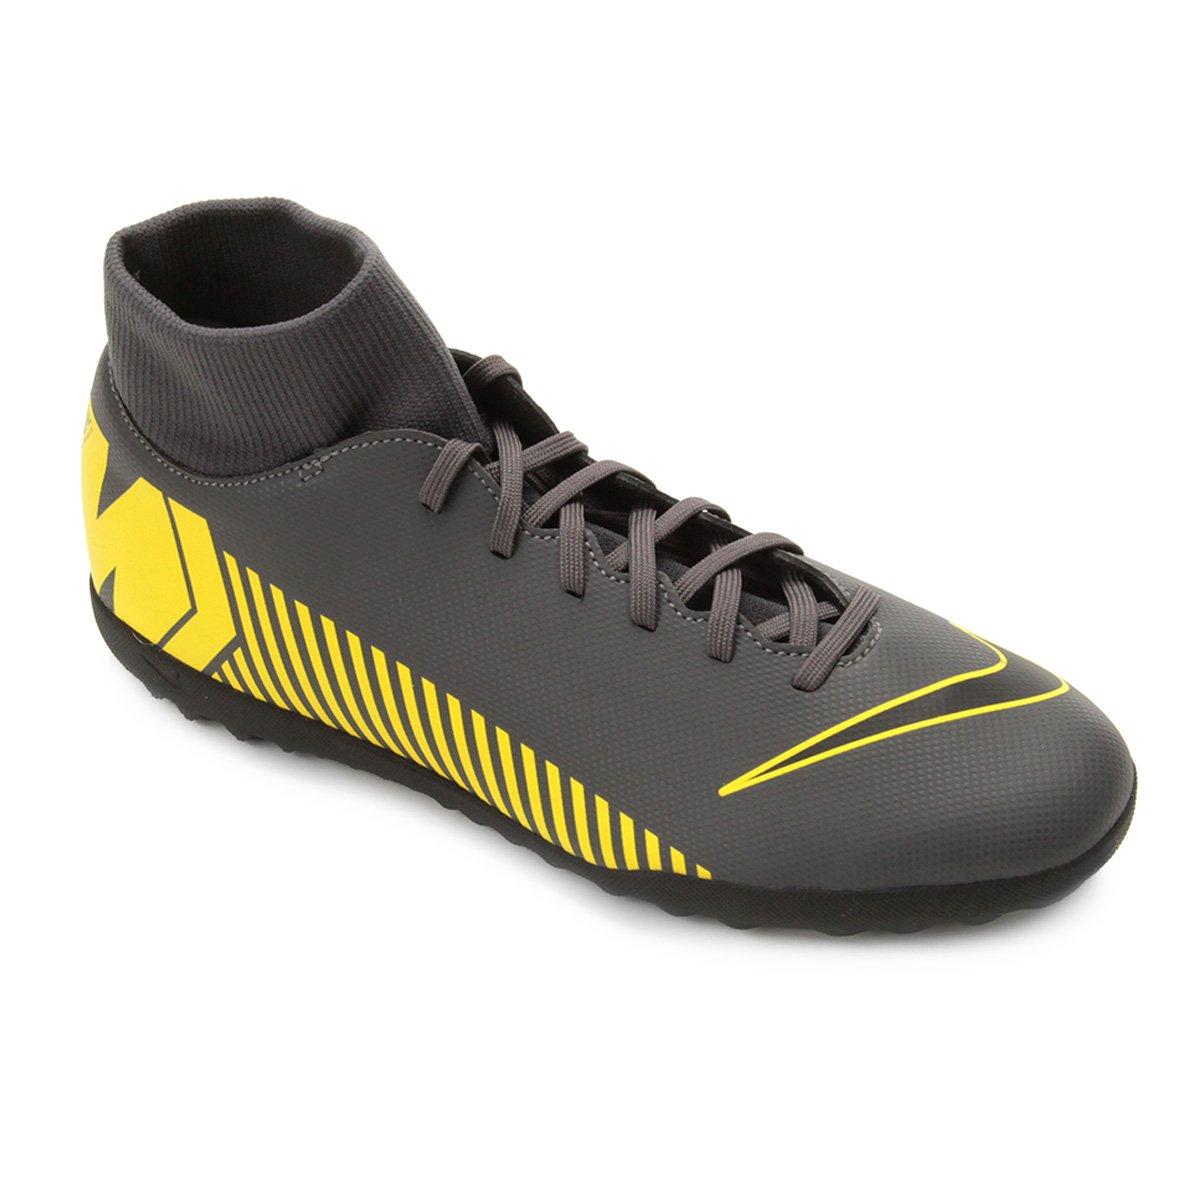 Chuteira Society Nike Mercurial Superfly 6 Club TF